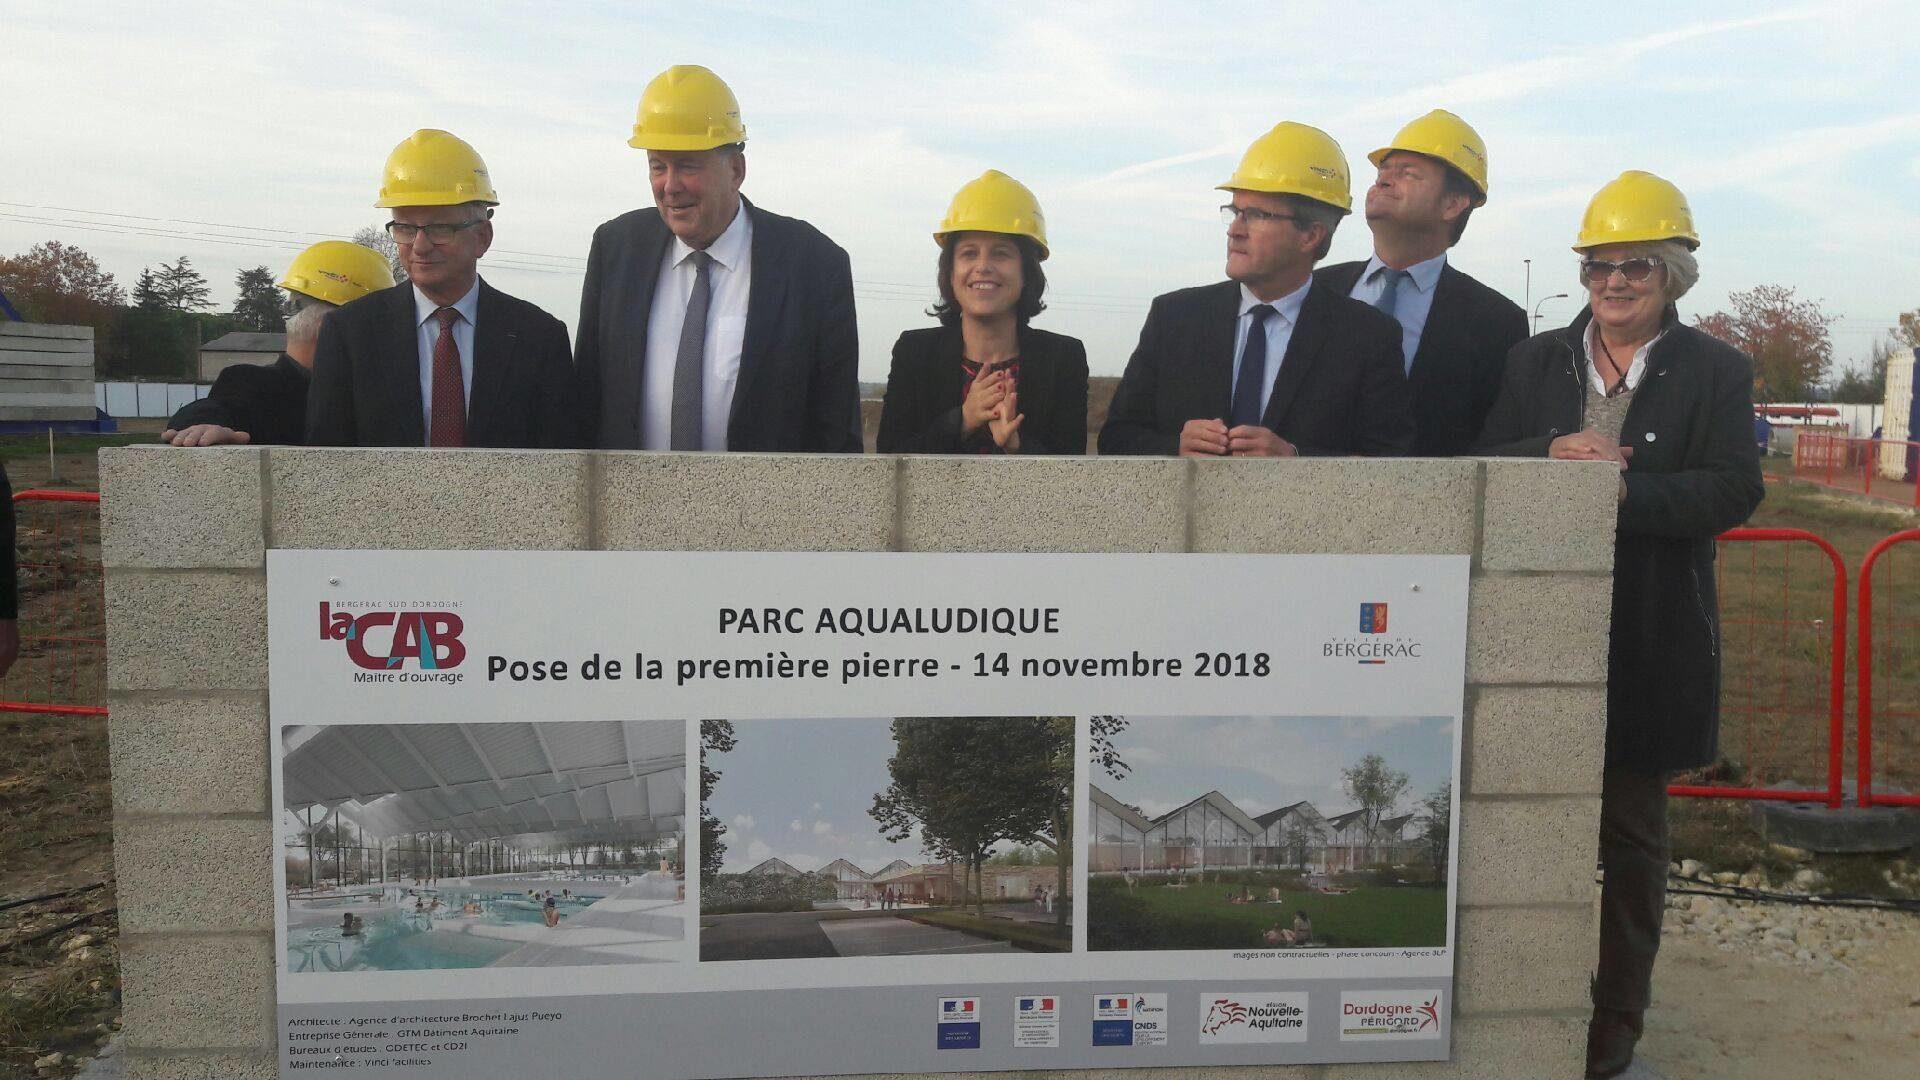 Parc Aqualudique de Bergerac 2018-2019